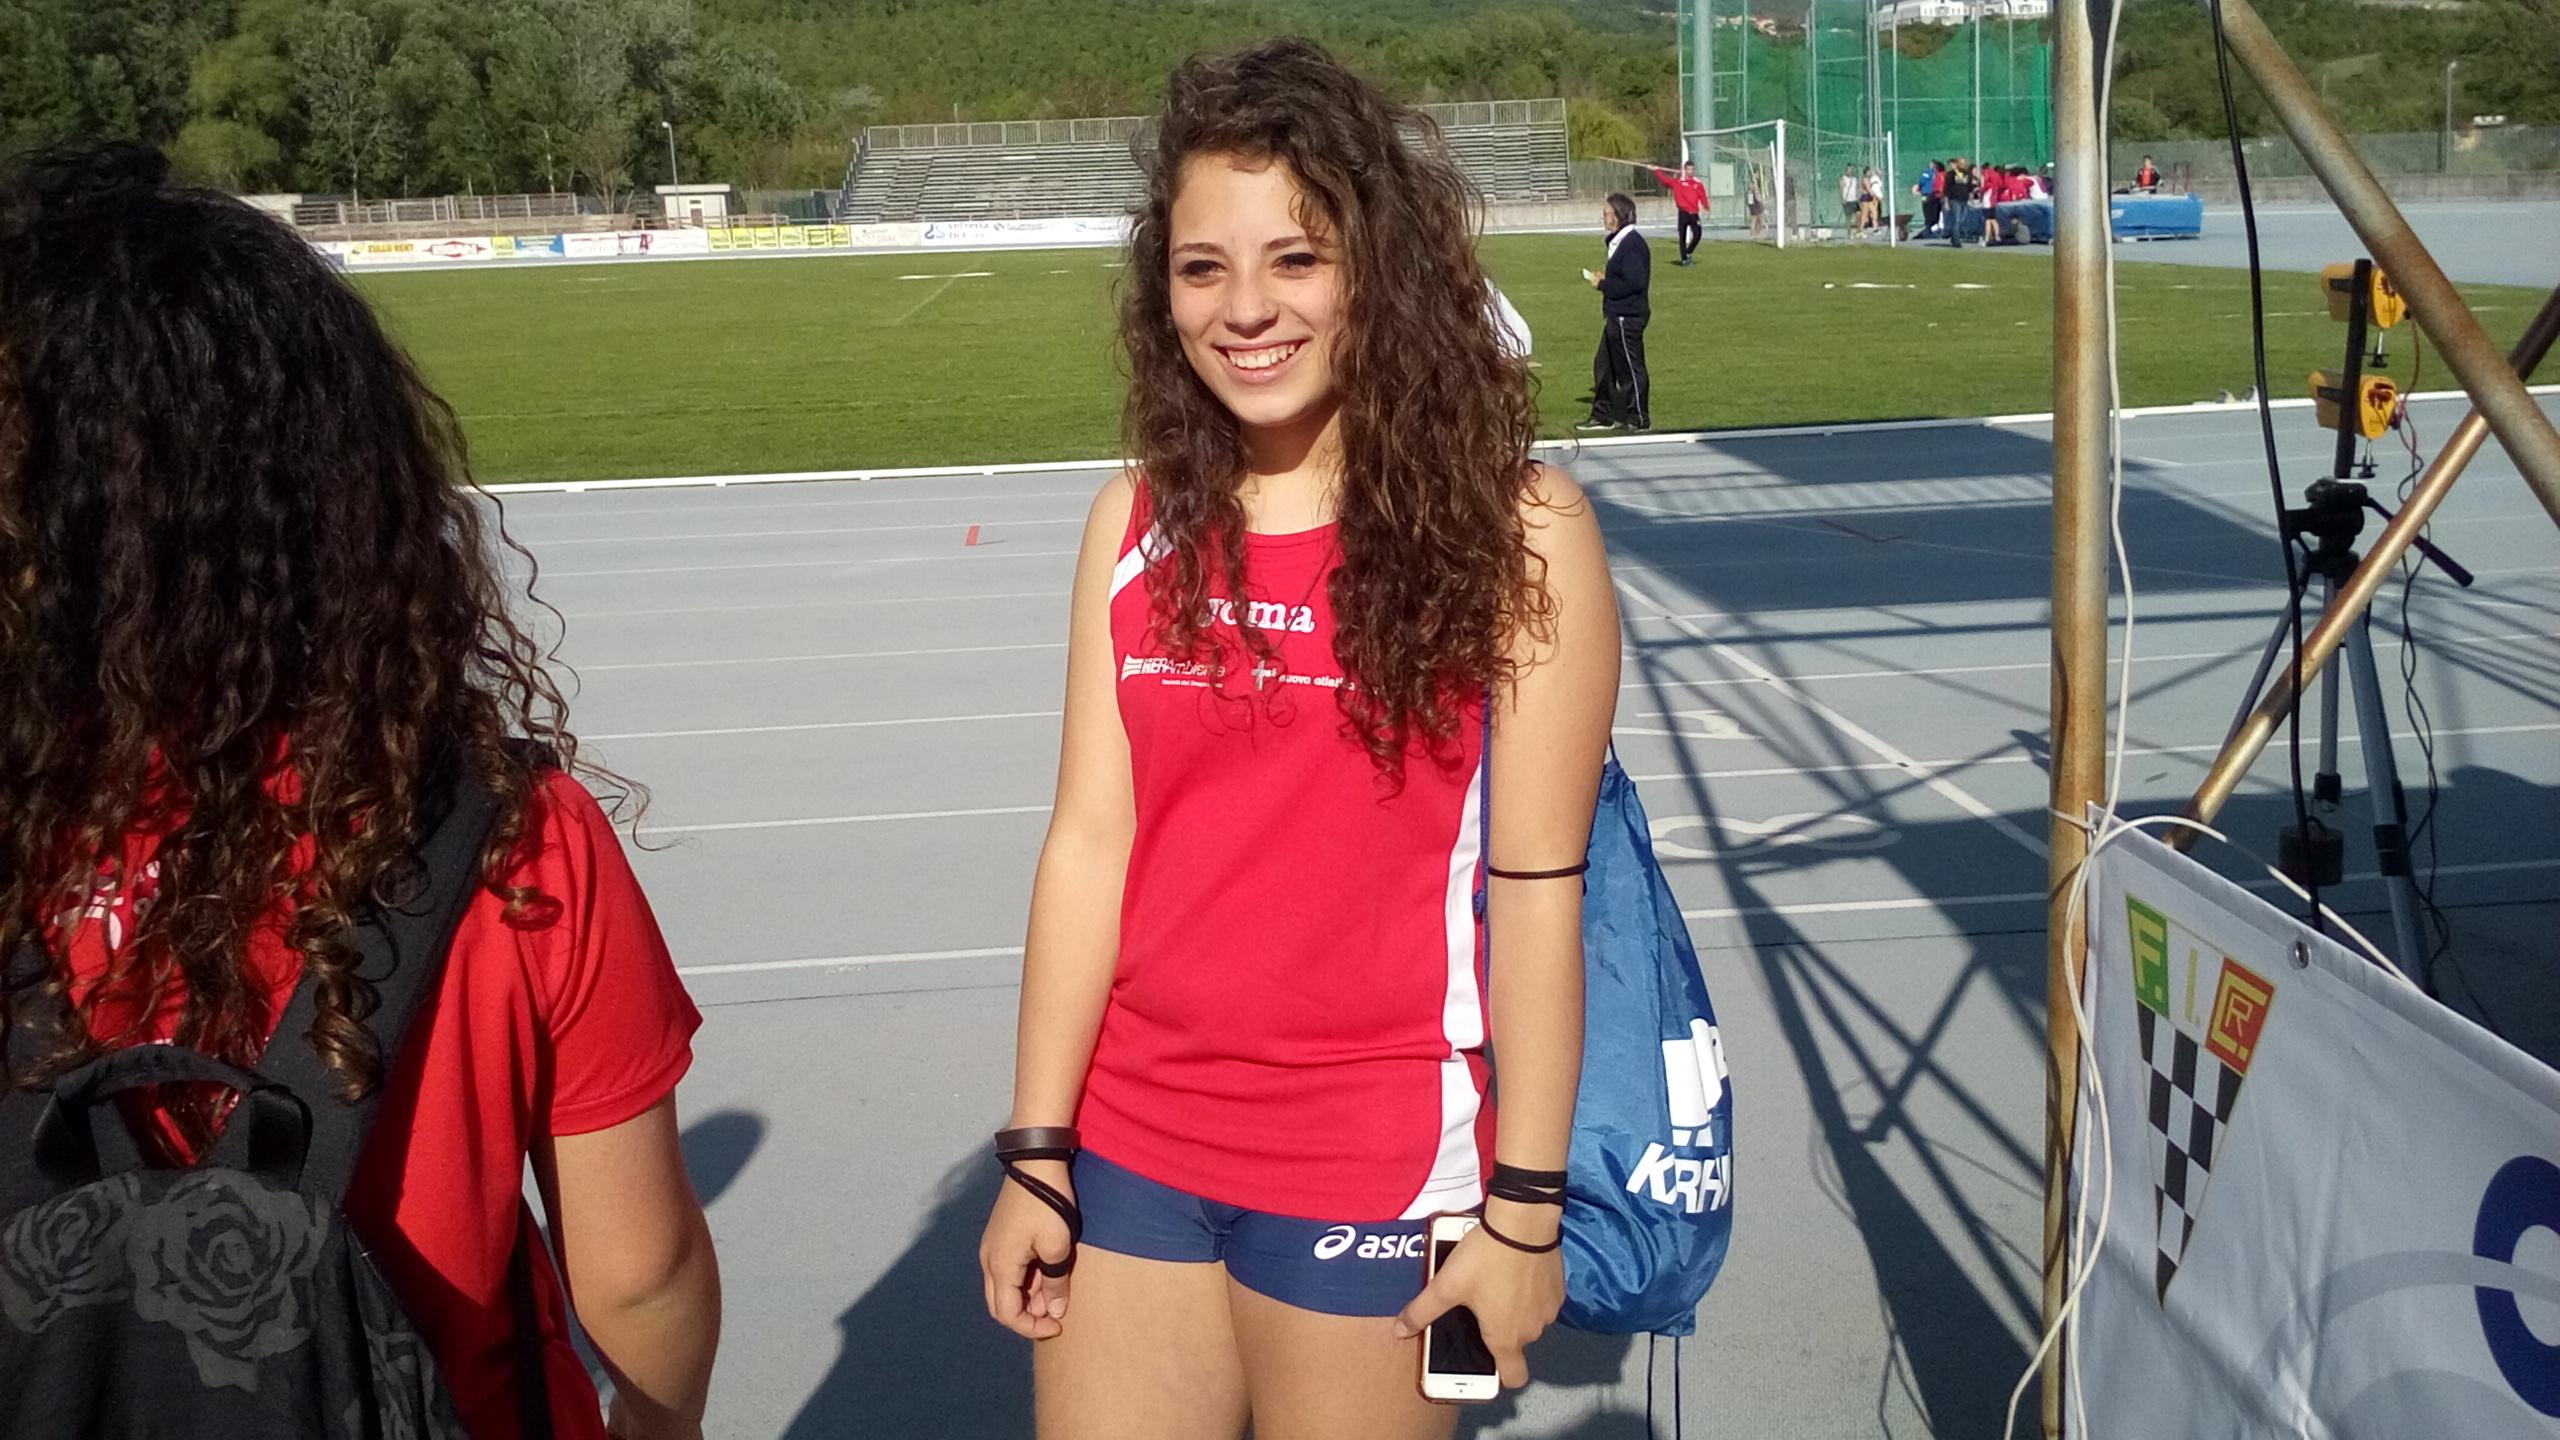 Veronica Mastrati